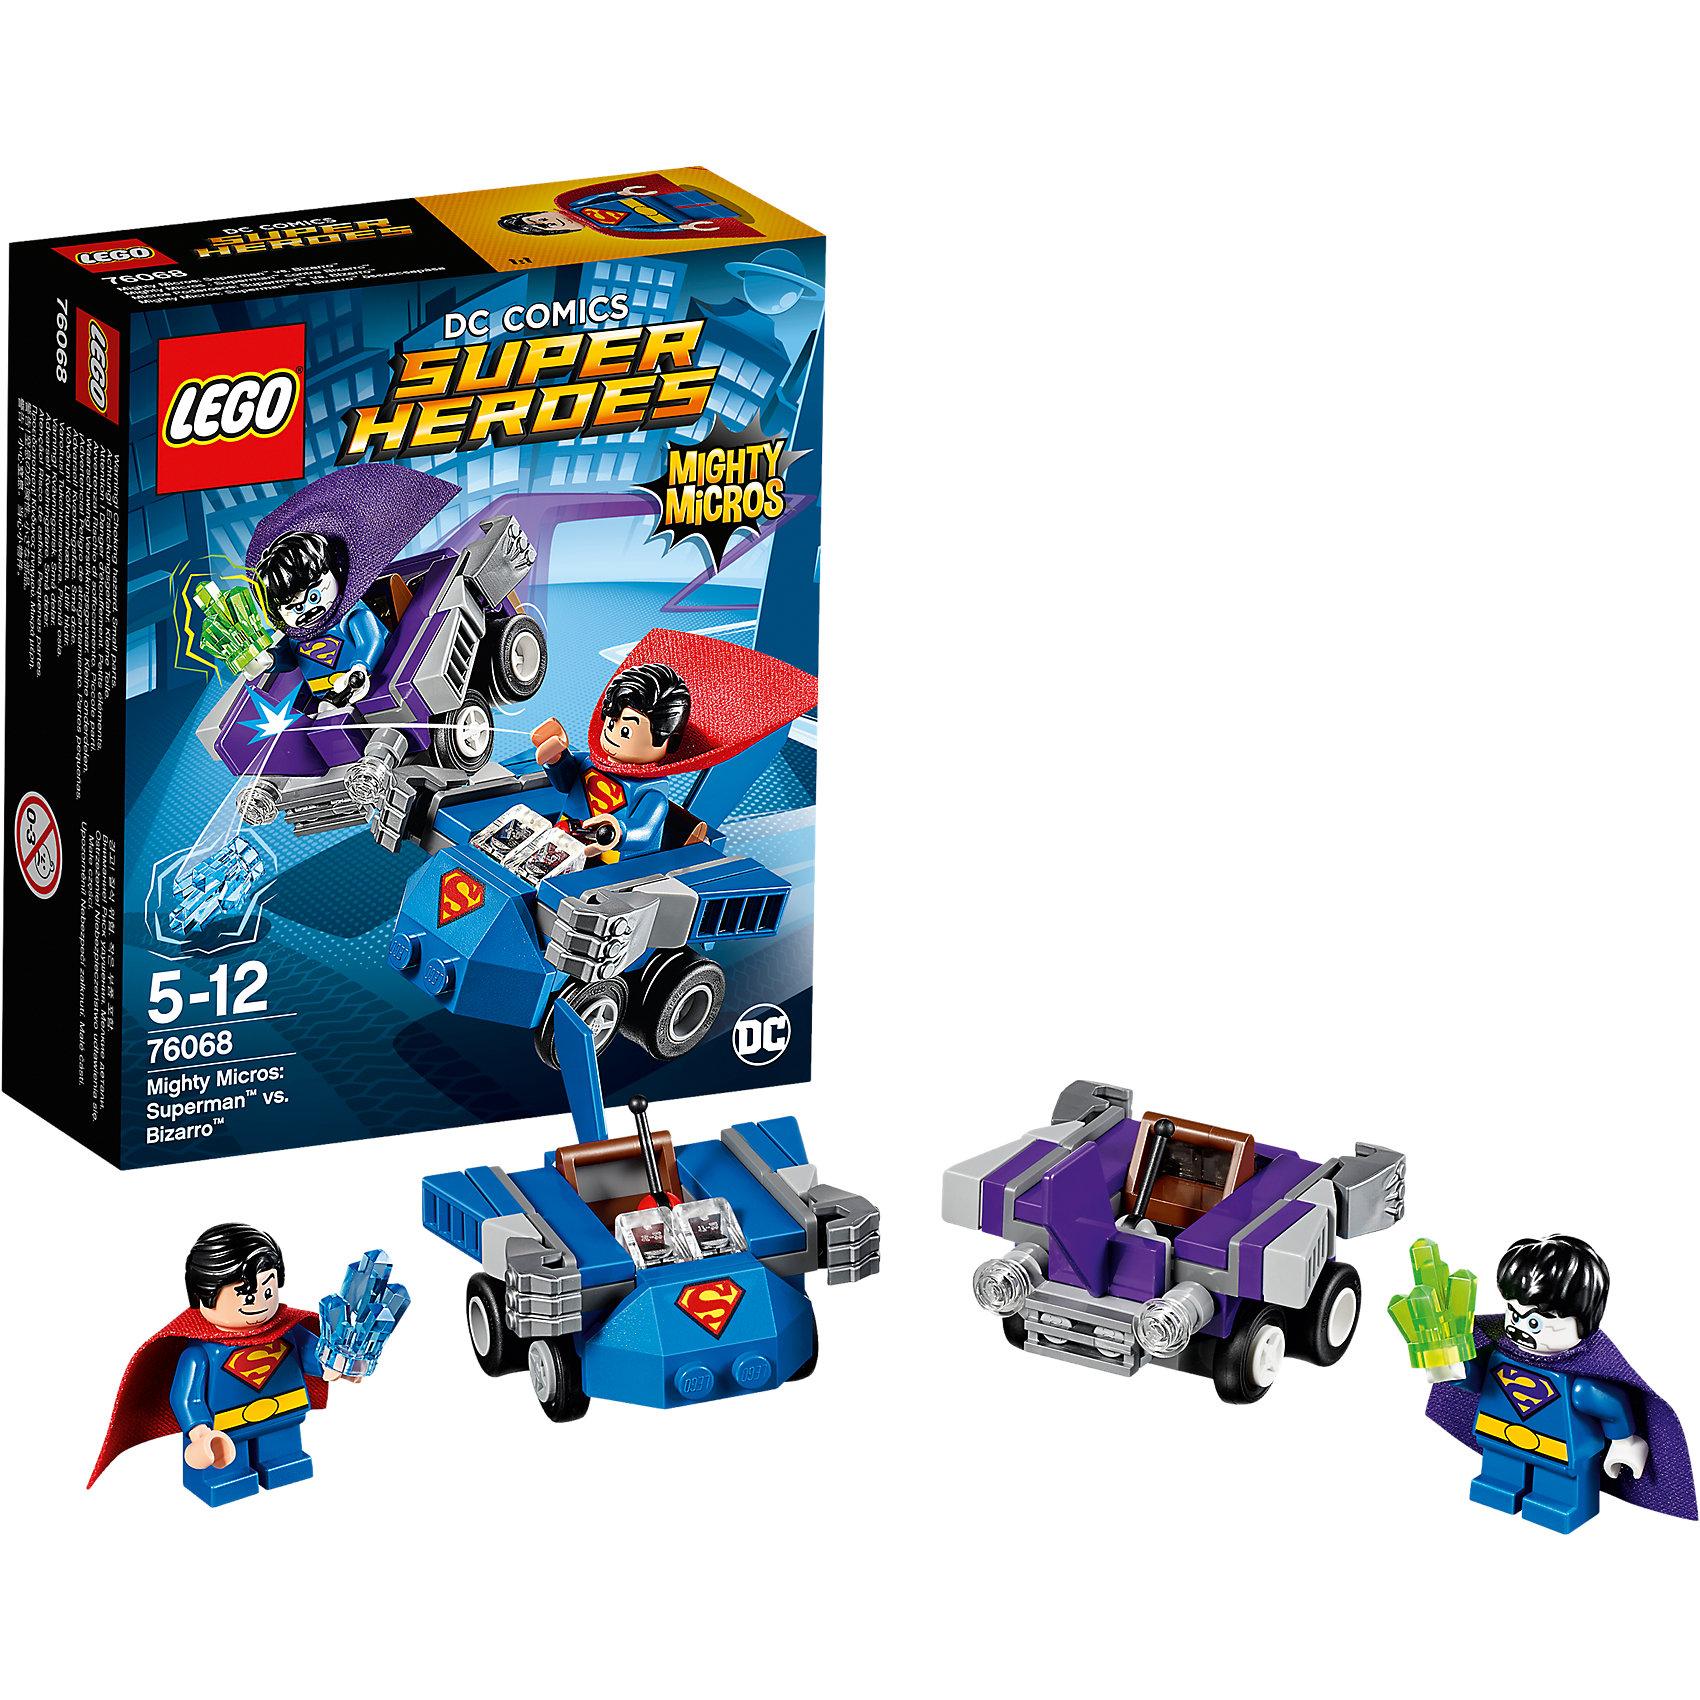 LEGO Super Heroes 76068: Mighty Micros: Супермен против БизарроПластмассовые конструкторы<br>LEGO Super Heroes 76068: Mighty Micros: Супермен против Бизарро<br><br>Характеристики:<br><br>- в набор входит: детали двух транспортных средств, 2 минифигурки; аксессуары; инструкция по сборке<br>- минифигурки набора: Супермен, Бизарро<br>- состав: пластик<br>- количество деталей: 93 <br>- размер машины Супермена: 6 * 4 * 5 см.<br>- размер машины Бизарро: 6 * 4 * 5 см.<br>- для детей в возрасте: от 5 до 12 лет<br>- Страна производитель: Дания/Китай/Чехия<br><br>Легендарный конструктор LEGO (ЛЕГО) представляет серию «Super Heroes» (Супер герои) по сюжетам фильмов и мультфильмов о супергероях. <br><br>Этот набор понравится любителям комиксов DC, мультфильмов и фильмов о Бэтмене. Фигурки набора выглядят ярко, очень качественно проработаны, в их разработке были использованы уникальные детали не встречающиеся в других наборах. В своем противостоянии соперники сели за руль машин, создав невероятные сцены погони и битвы. <br><br>Супермен сел за штурвал своей скоростной машины синего цвета с эмблемой супермена. Его машина оснащена рычагом управления и двумя мощными кулаками справедливости. Злодей Бизарро сел за руль фиолетовой машины, не уступающей по мощи машине Супермена. На машине злодея тоже установлены два кулака, кроме того, злодей взял с собой камень криптонит. Как Супермен выкрутится из этой переделки? Помоги ему одержать верх над Бизарро! <br><br>Играя с конструктором ребенок развивает моторику рук, воображение и логическое мышление, научится собирать по инструкции и создавать свои модели. Придумывайте новые истории любимых героев с набором LEGO «Super Heroes»!<br><br>Конструктор LEGO Super Heroes 76068: Mighty Micros: Супермен против Бизарро можно купить в нашем интернет-магазине.<br><br>Ширина мм: 143<br>Глубина мм: 122<br>Высота мм: 50<br>Вес г: 92<br>Возраст от месяцев: 60<br>Возраст до месяцев: 144<br>Пол: Мужской<br>Возраст: Детский<br>SKU: 5002444